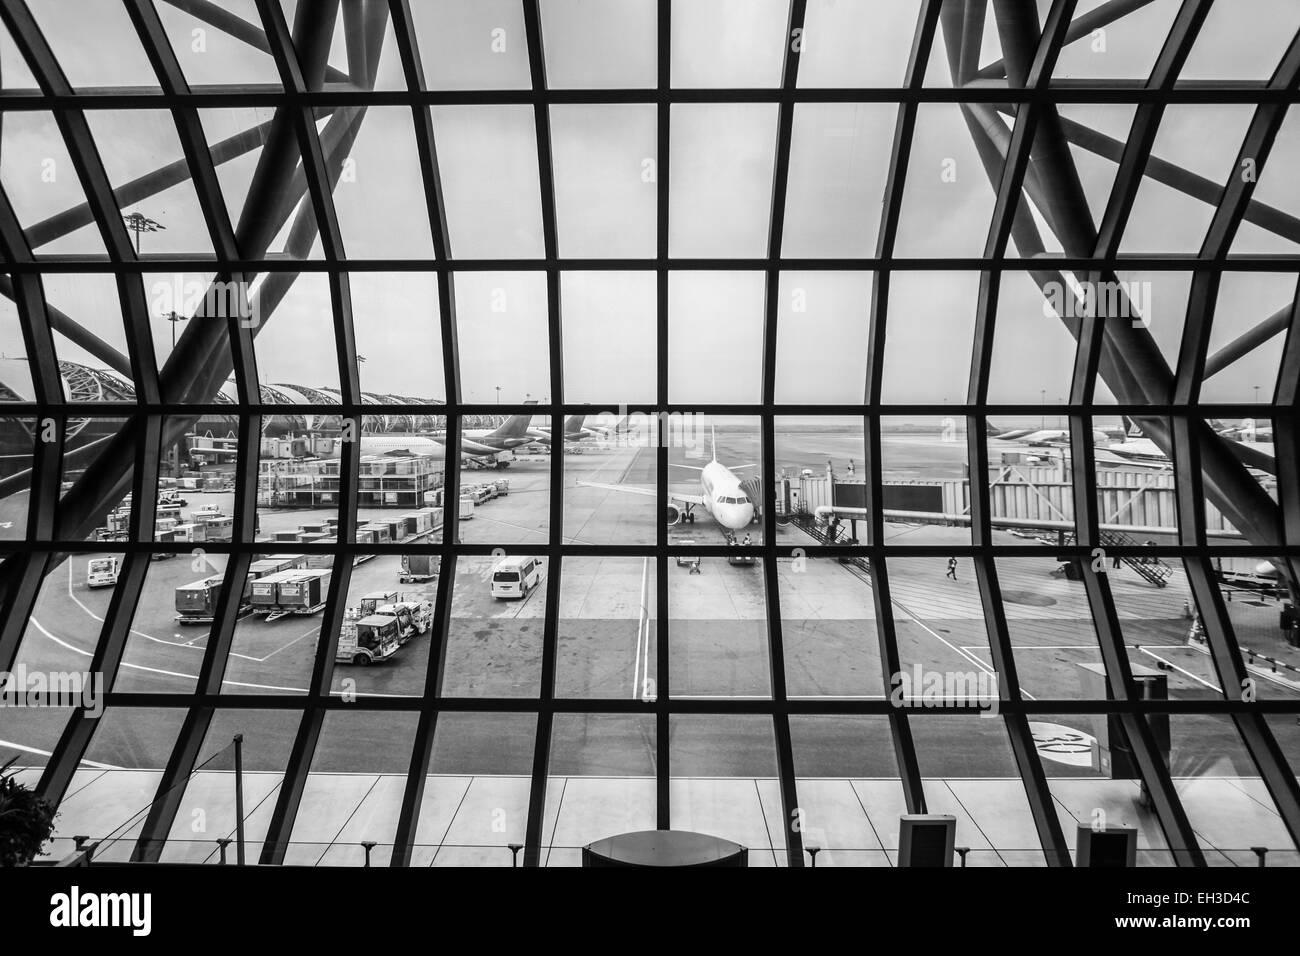 Airport Terminal Suvarnabhumi Airport - Samut Prakan, Thailand Stock Photo